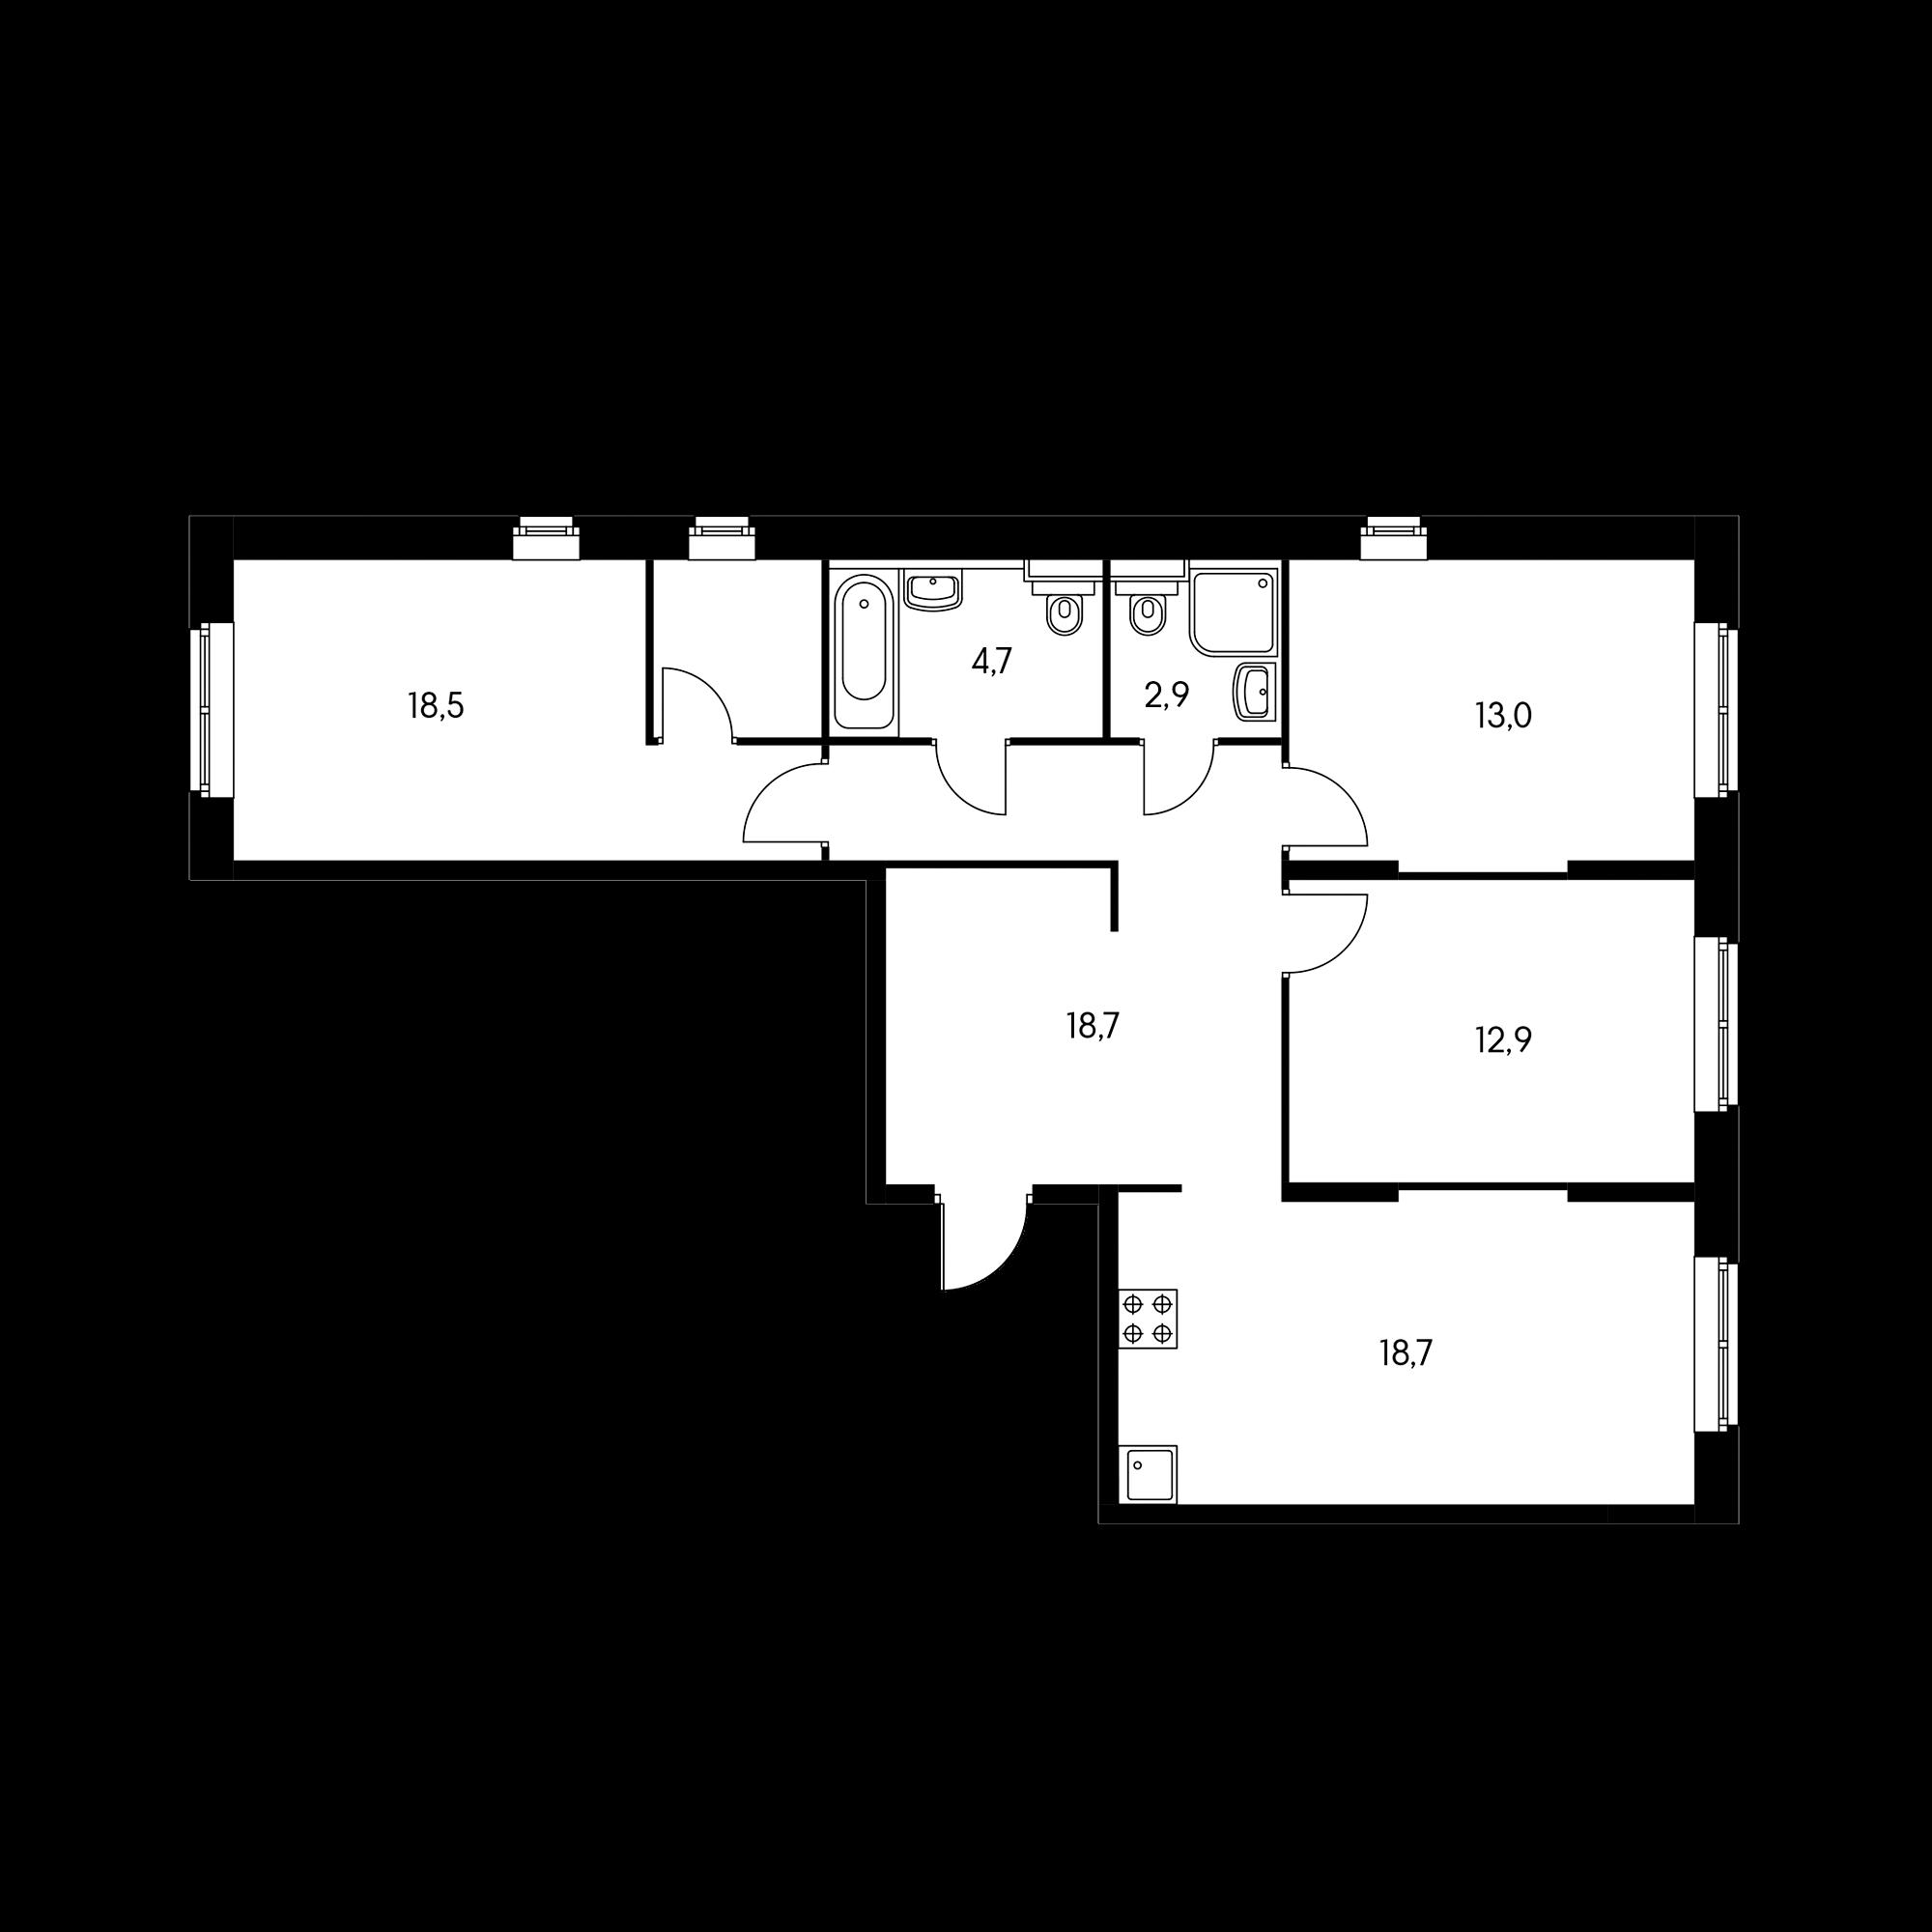 3EL3_9.9-1_T_A